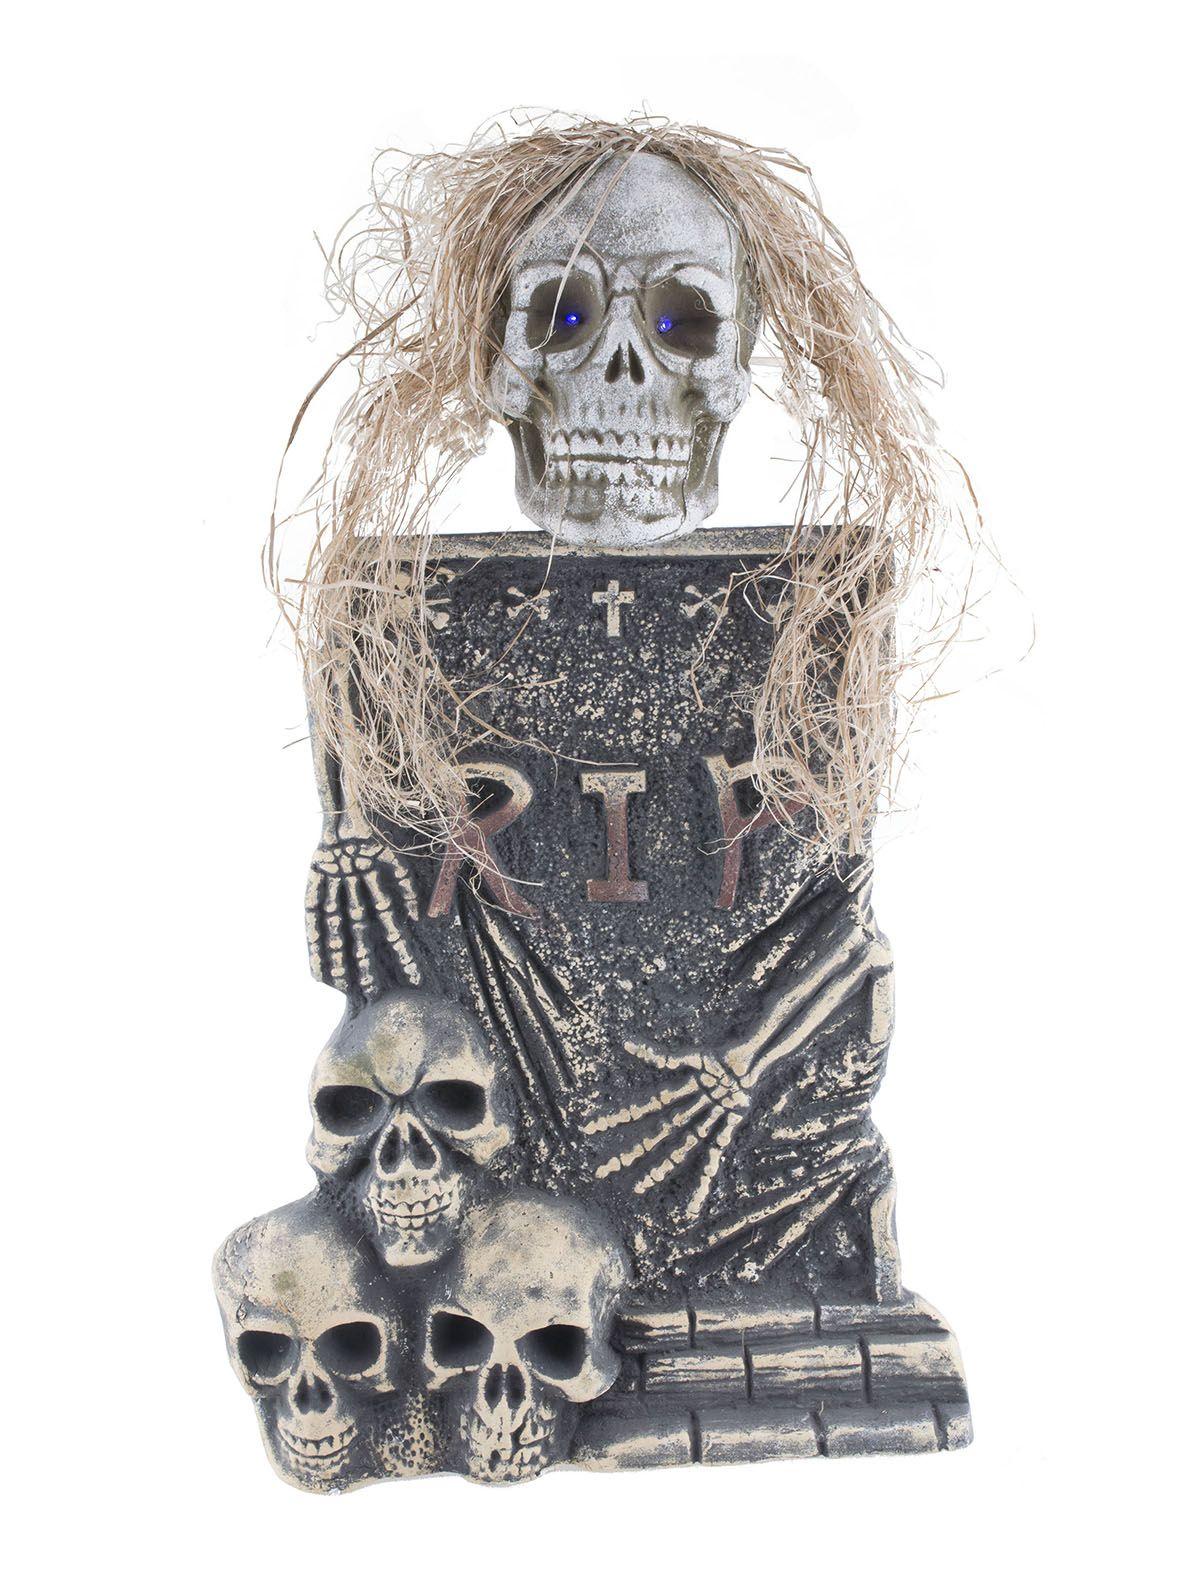 Grabstein mit Skelett und LED-Licht